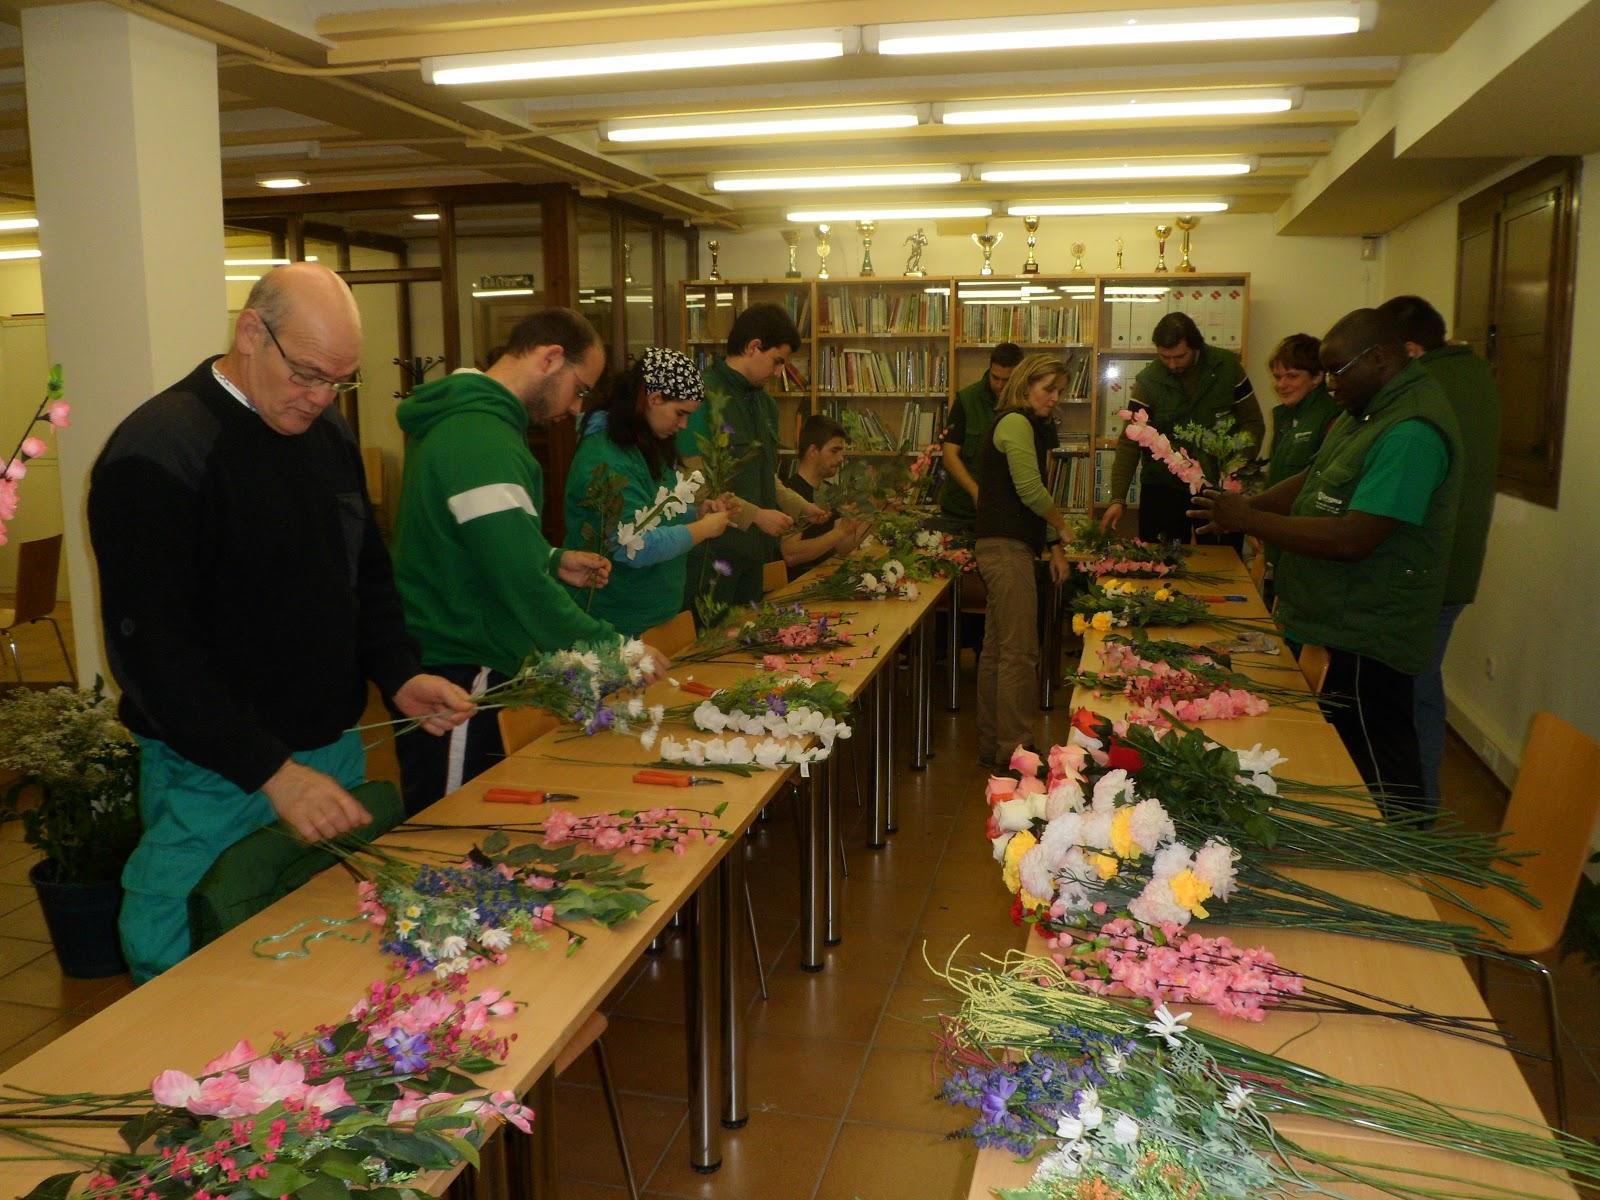 Escuela municipal de jardiner a el pinar curso de arte - Como aprender jardineria ...